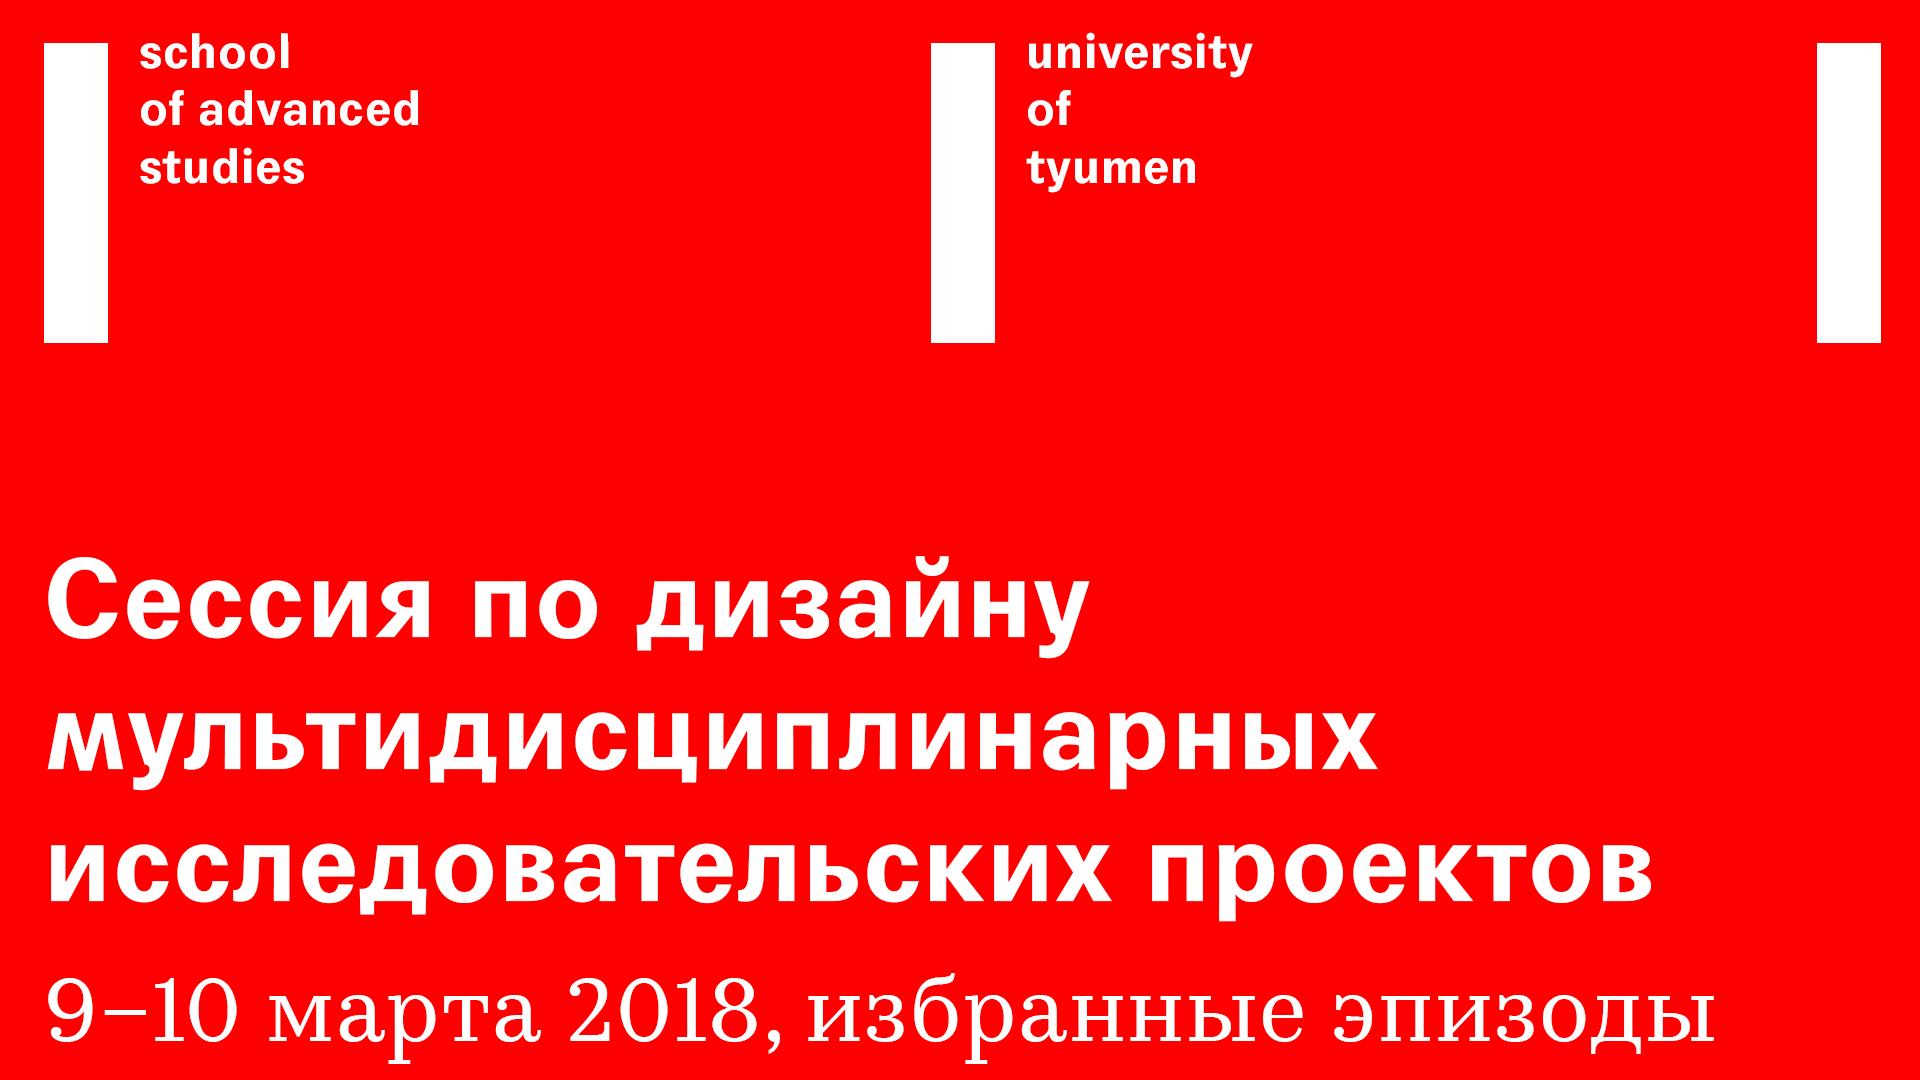 Сессия по дизайну мультидисциплинарных исследовательских проектов: избранные места дискуссии